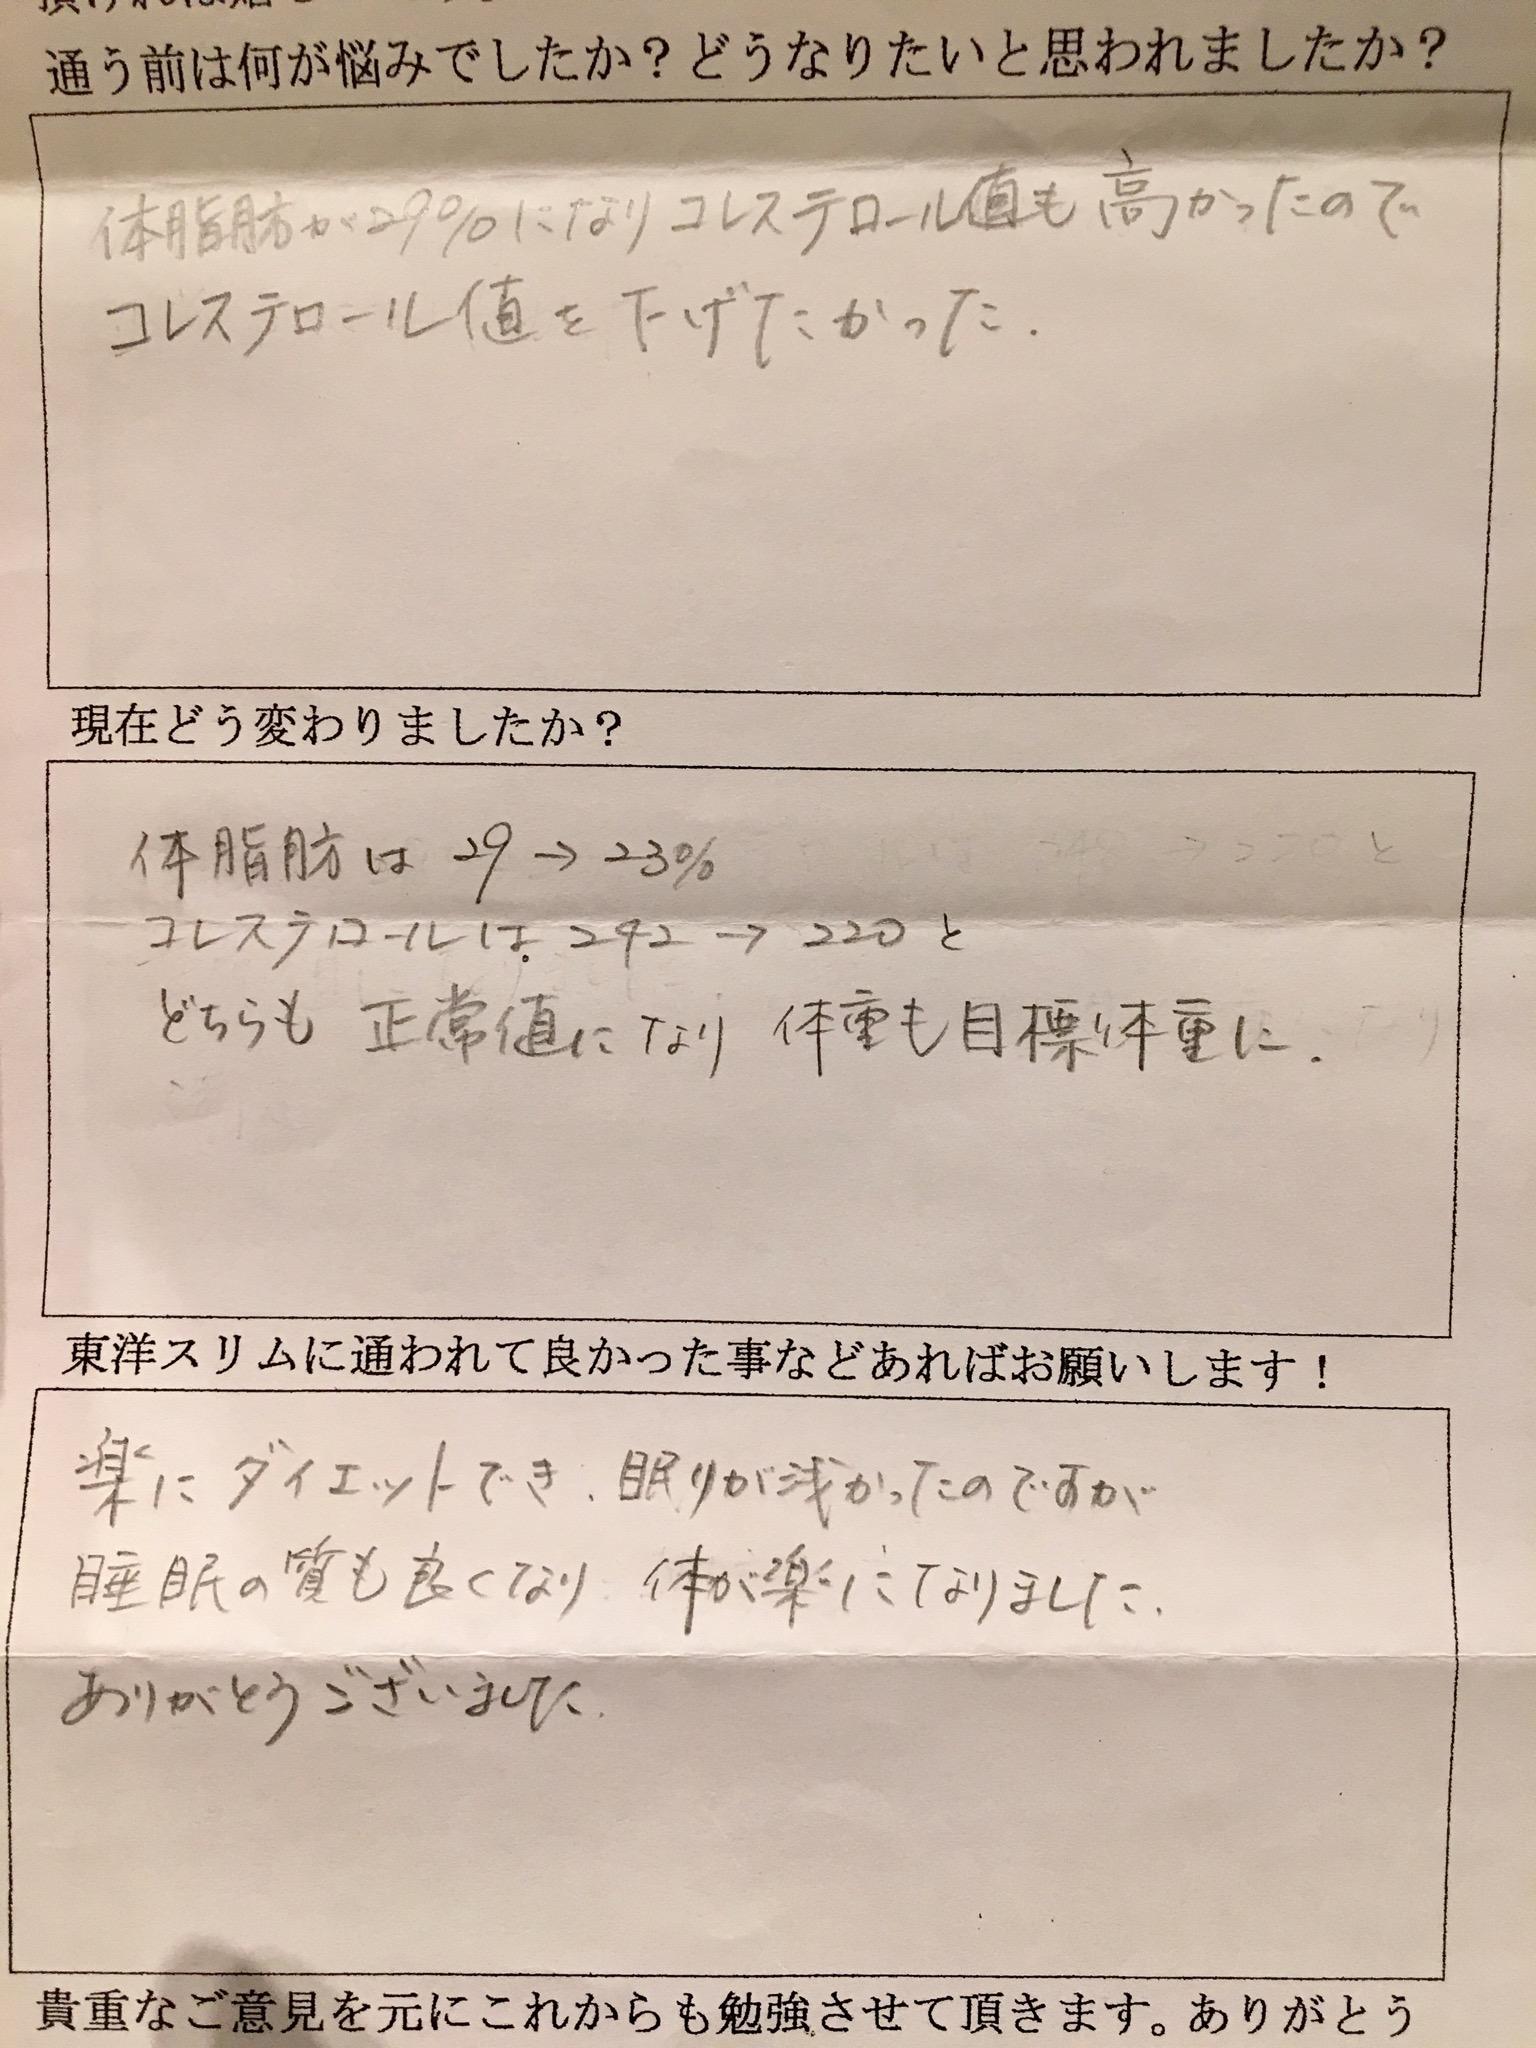 [皆様の声]大阪府藤井寺市A様。体脂肪率24%、夜が良く寝れる。(結果には個人差があります)